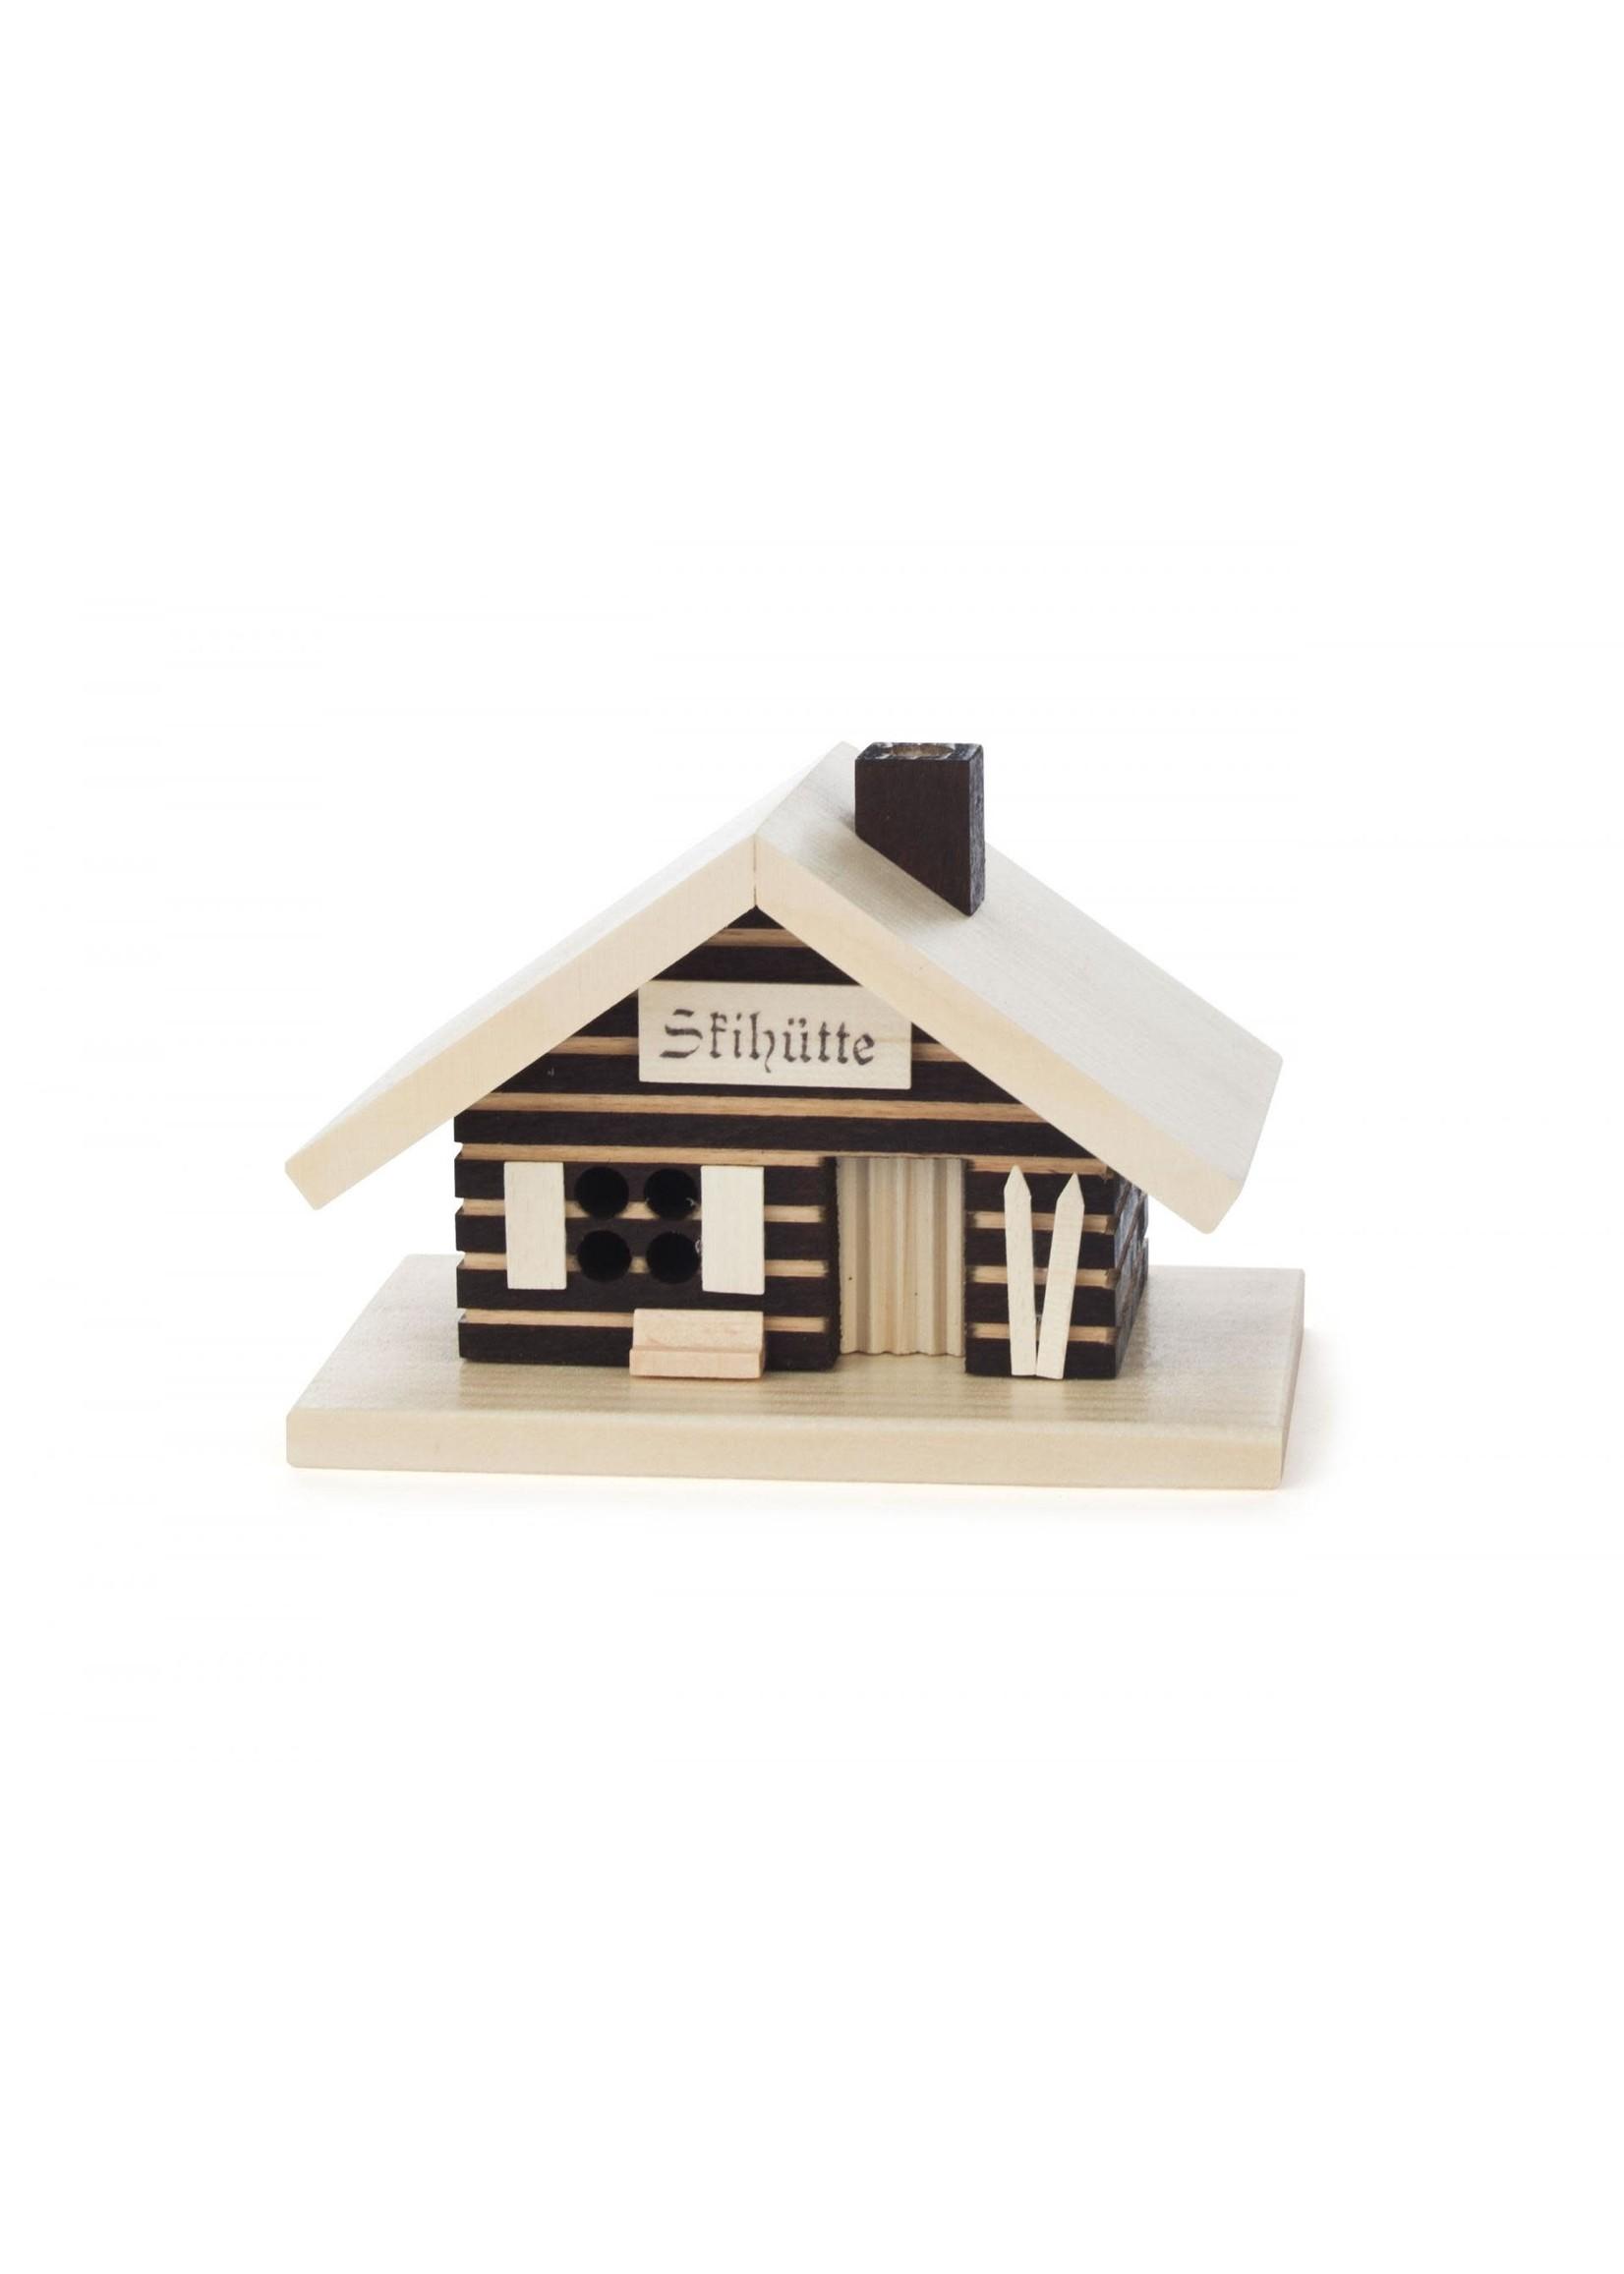 Smoker House - Ski Hut Small